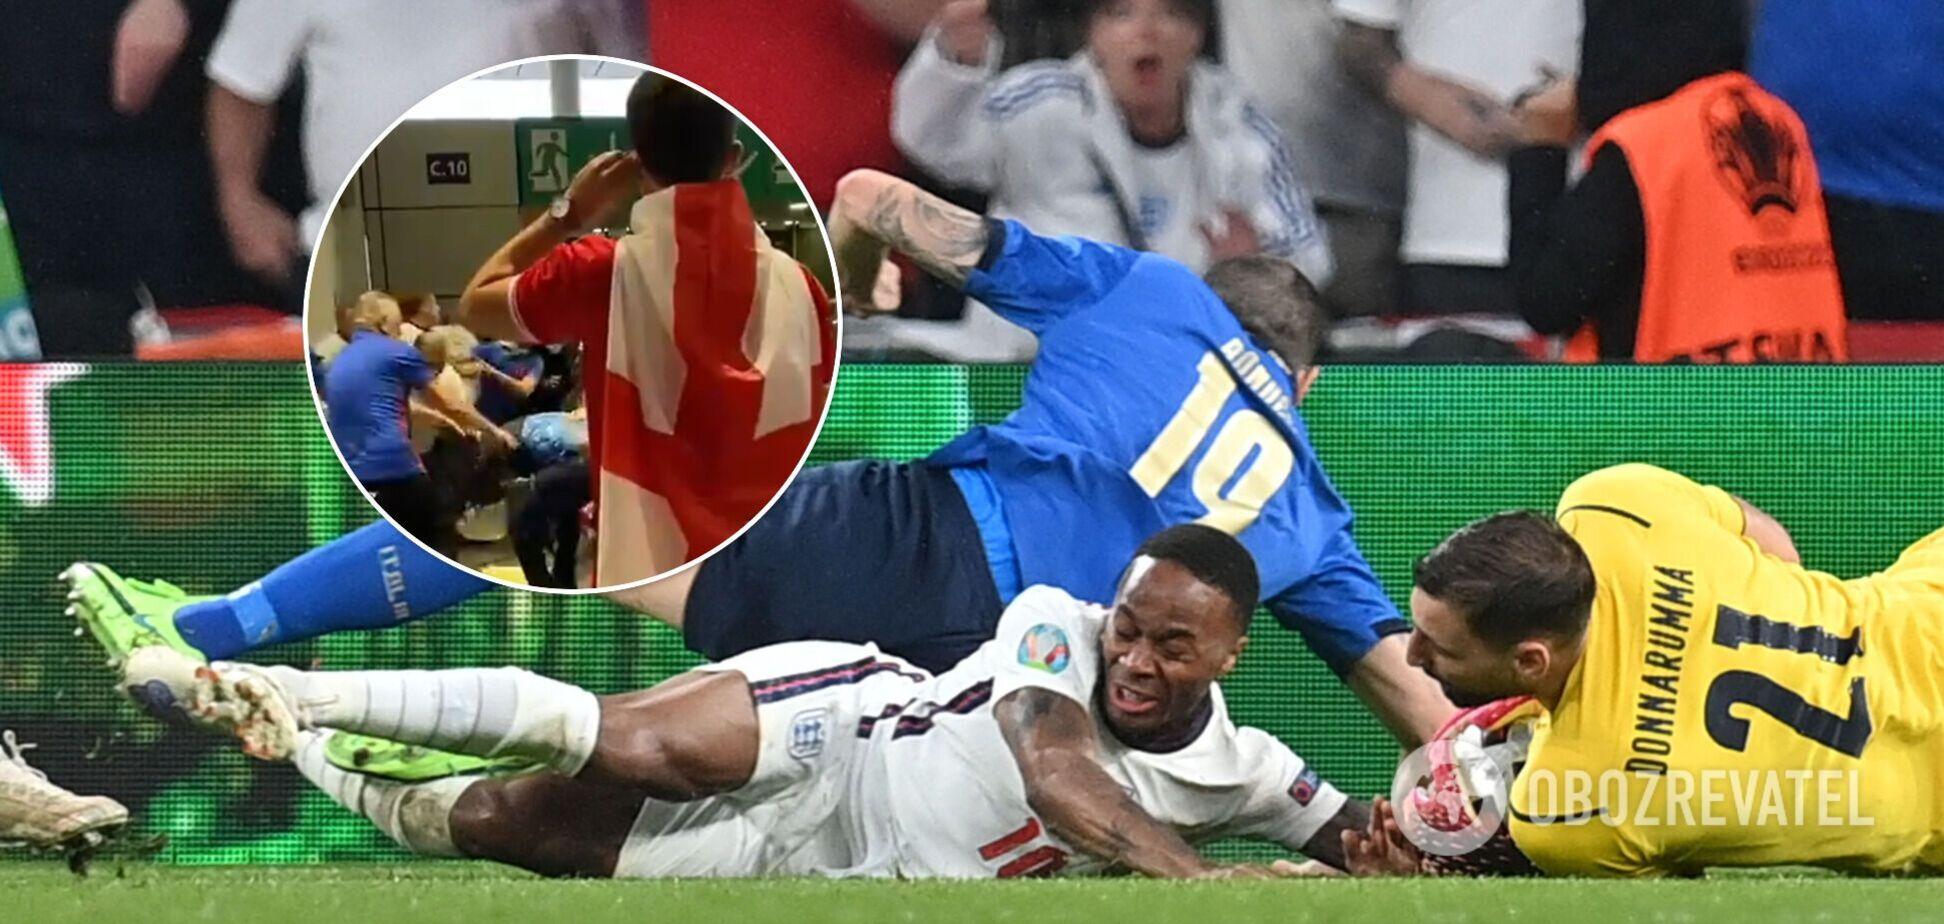 Драка фанатов Англии на финале Евро-2020 собрала 12 млн просмотров. Видео